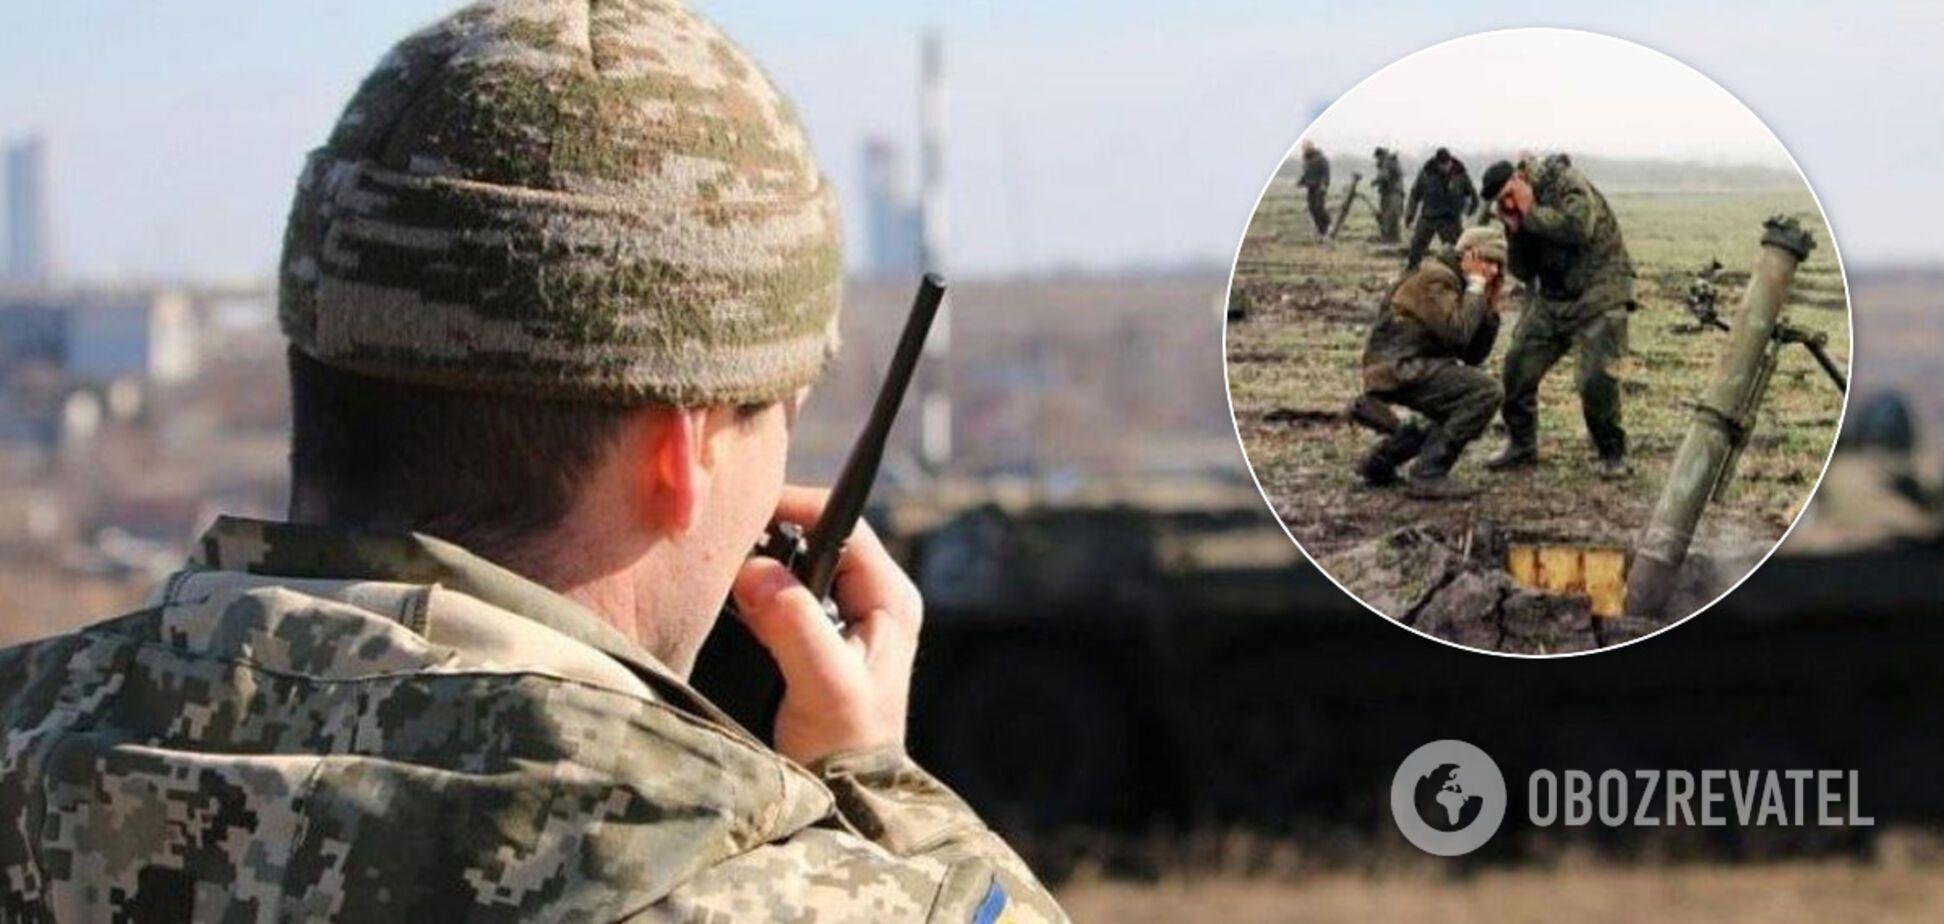 Терористи 'ДНР' влаштували істерику через 'атаку' ЗСУ під Горлівкою